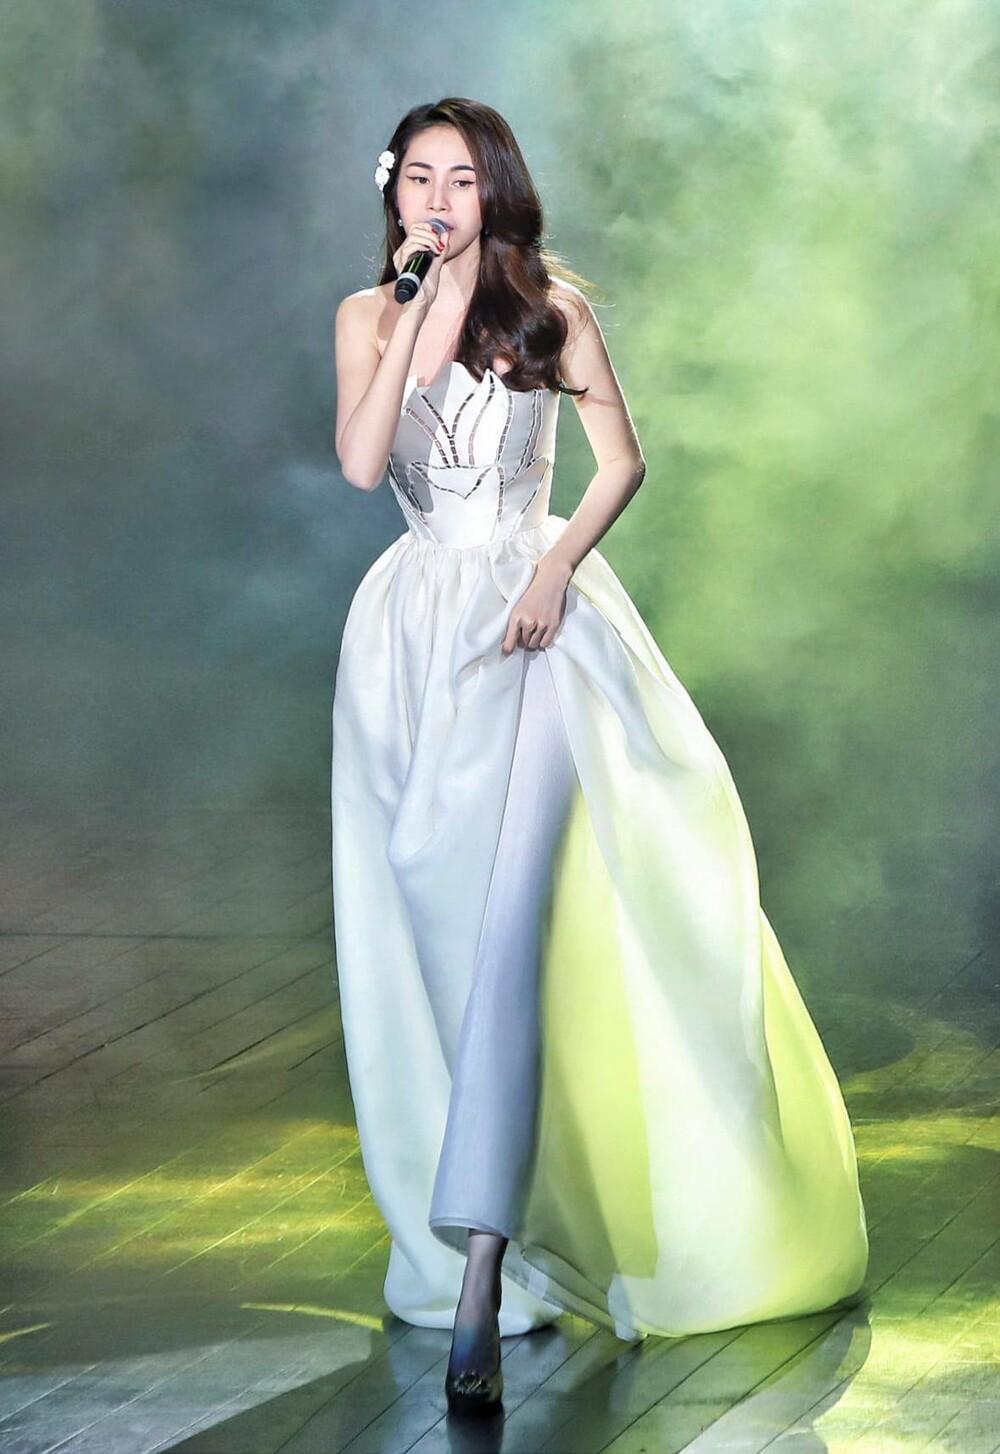 Thủy Tiên diện váy bềnh bồng để lộ xương quai xanh 'tiền tỉ', đẹp chuẩn 'nàng thơ' Ảnh 3